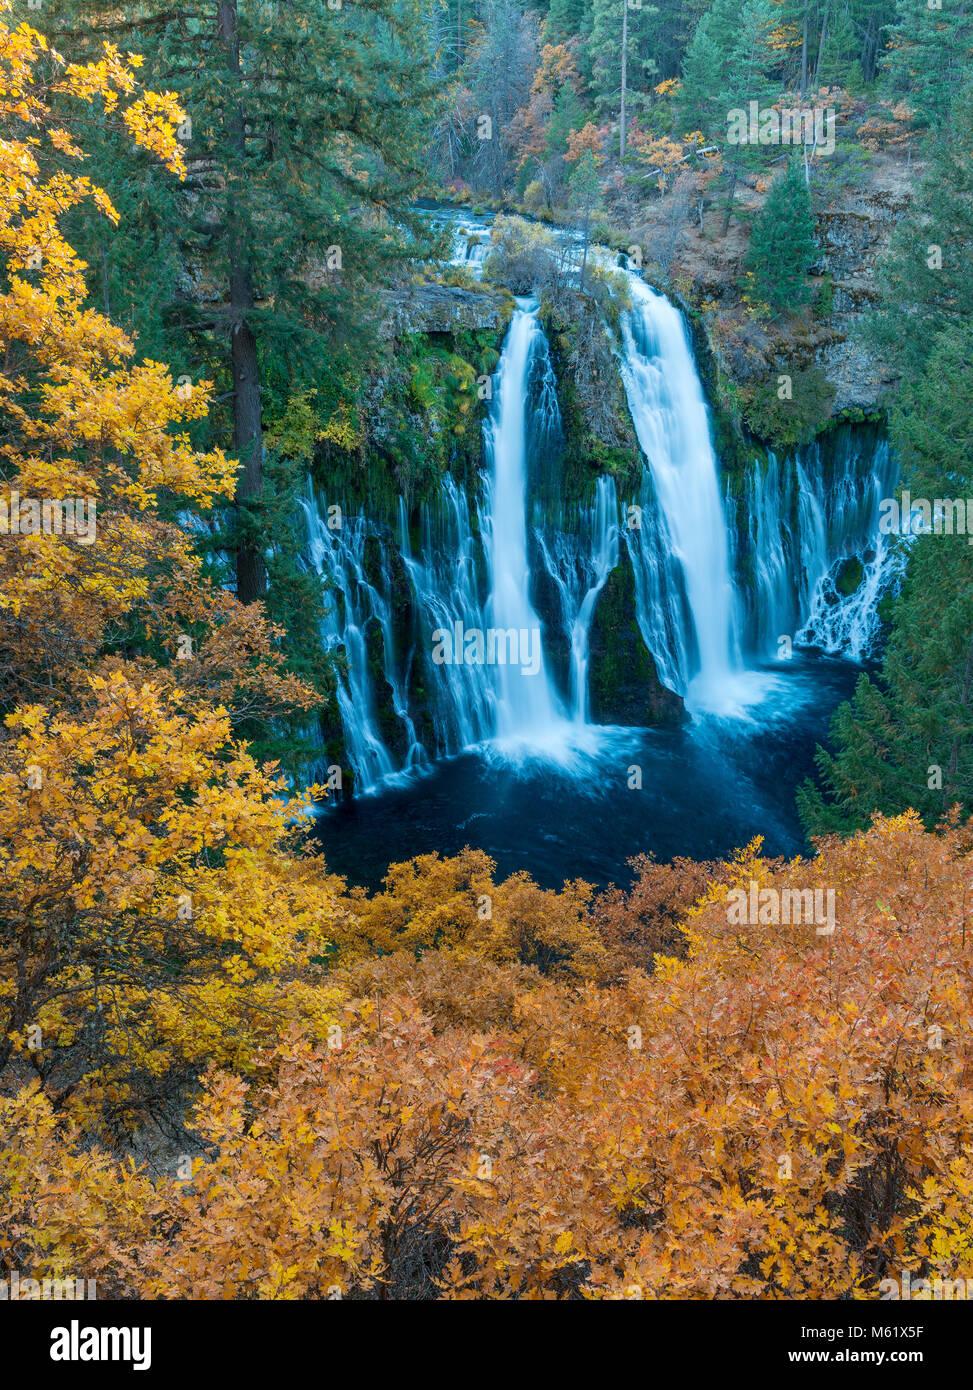 Waterfalls, California Black Oak, Burney Falls Memorial State Park, Shasta County, California - Stock Image